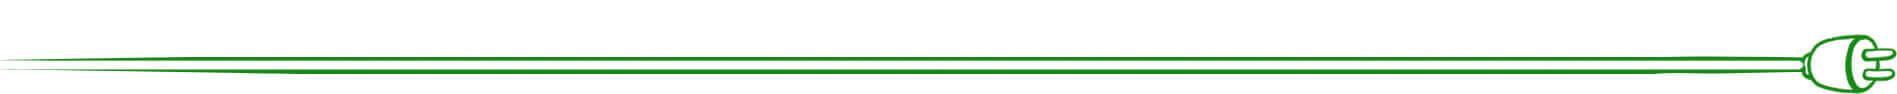 Strompreis Vergleich - Kapiteltrenner grün unten